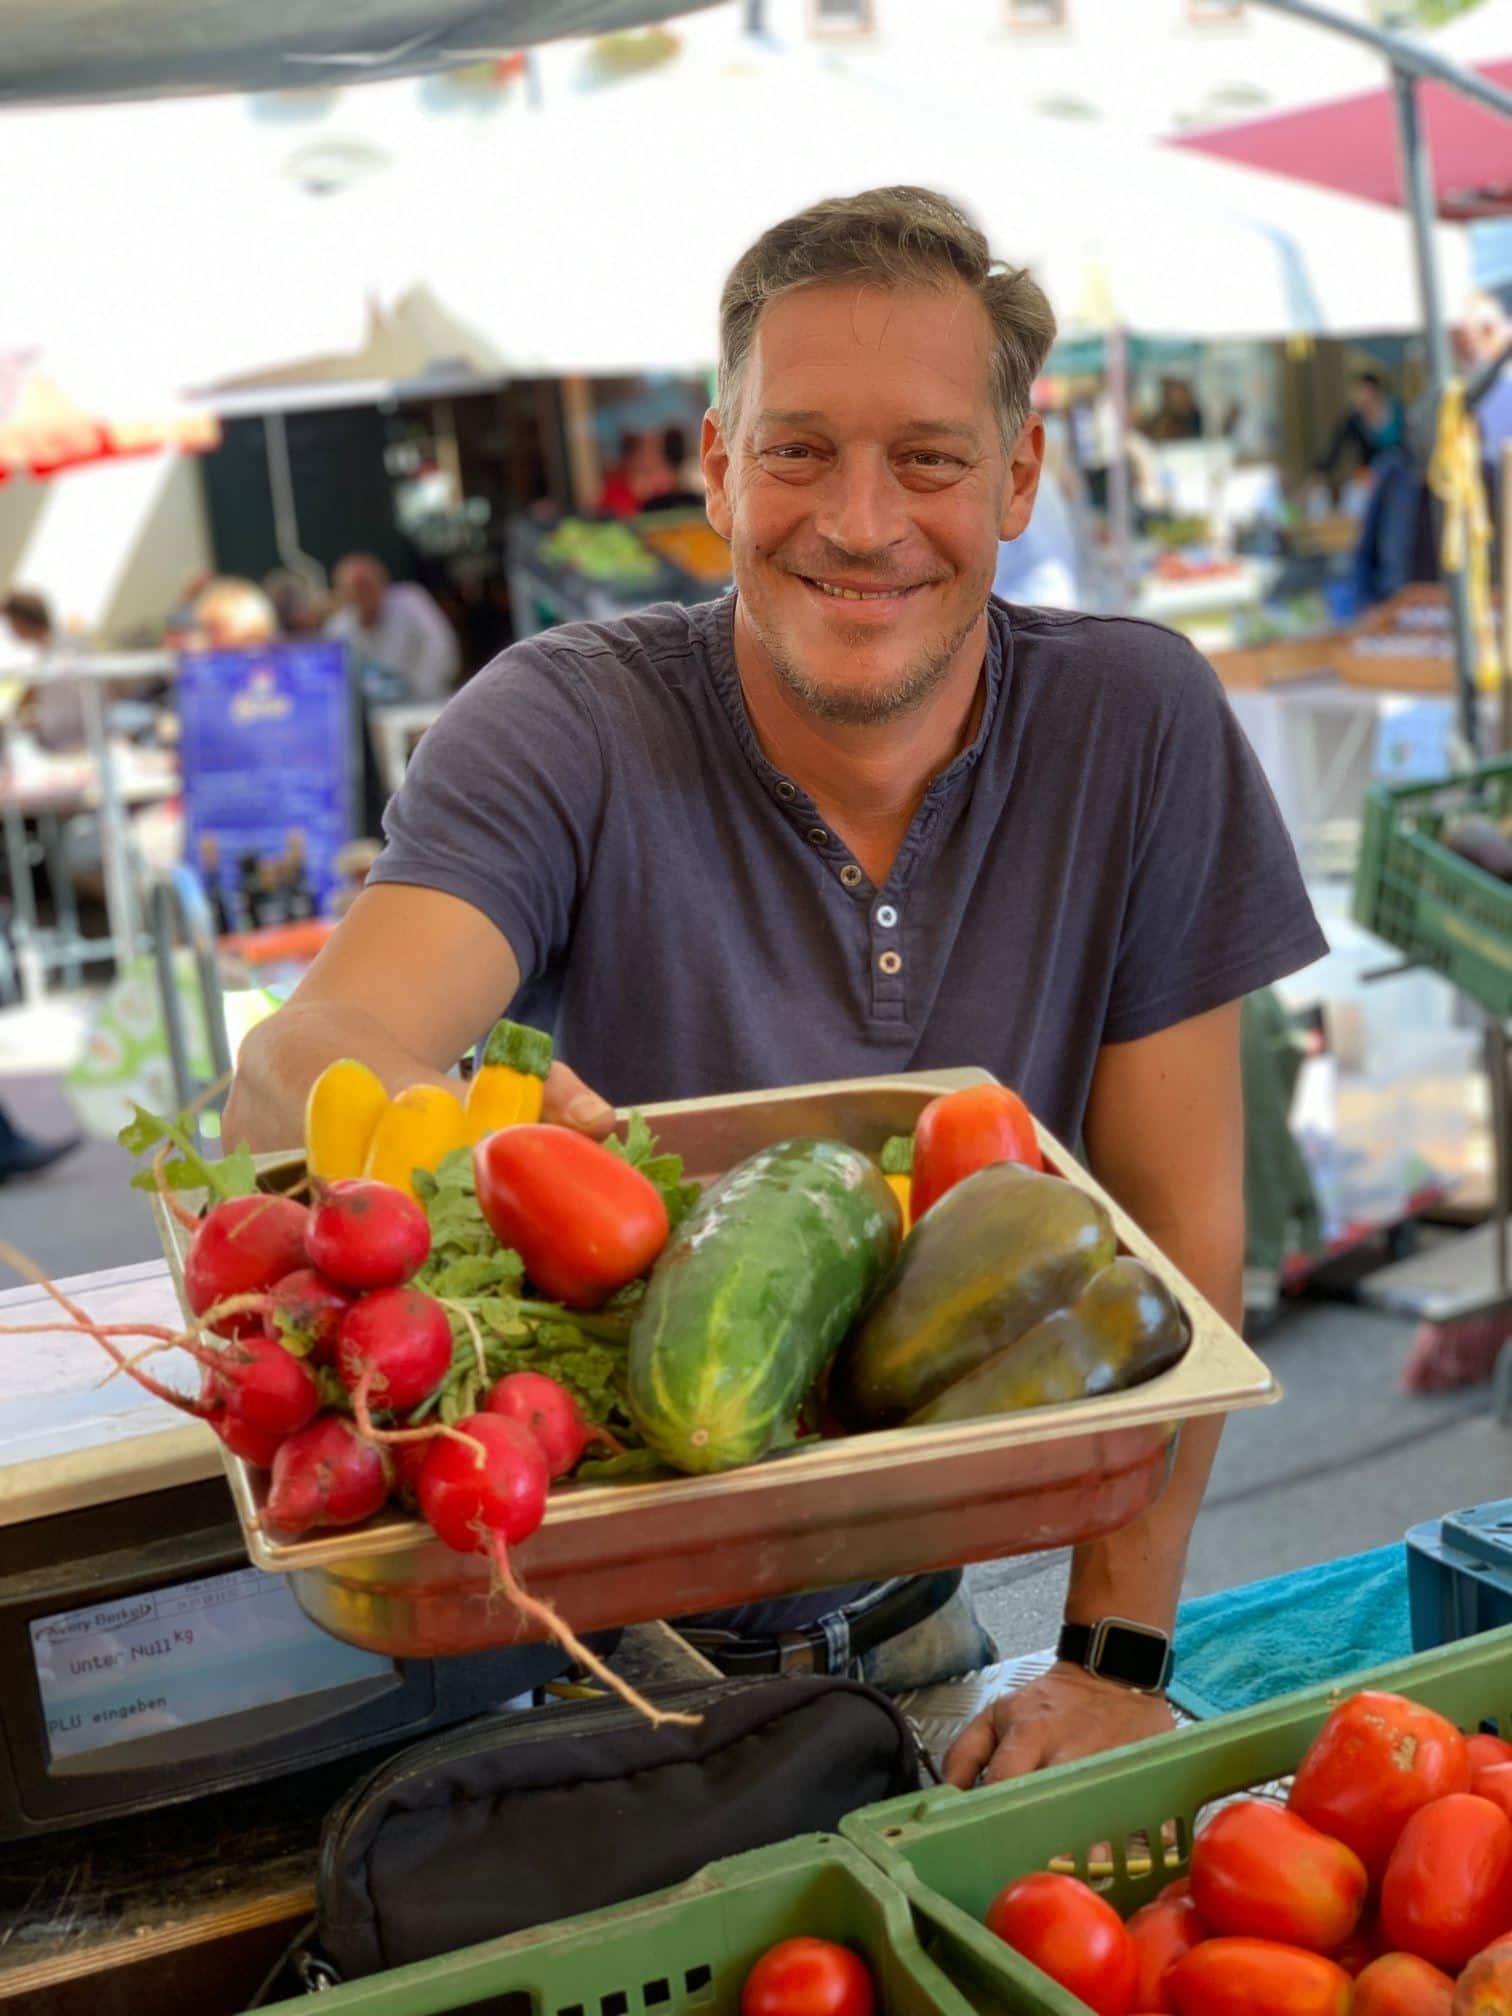 Nikolaus Toschkov von der Gärtnerei reicht dem Betrachter mit einem Lächeln einen Gemüsekorb, darin befinden sich Radischen, Zucchini, Paprika und Gurken